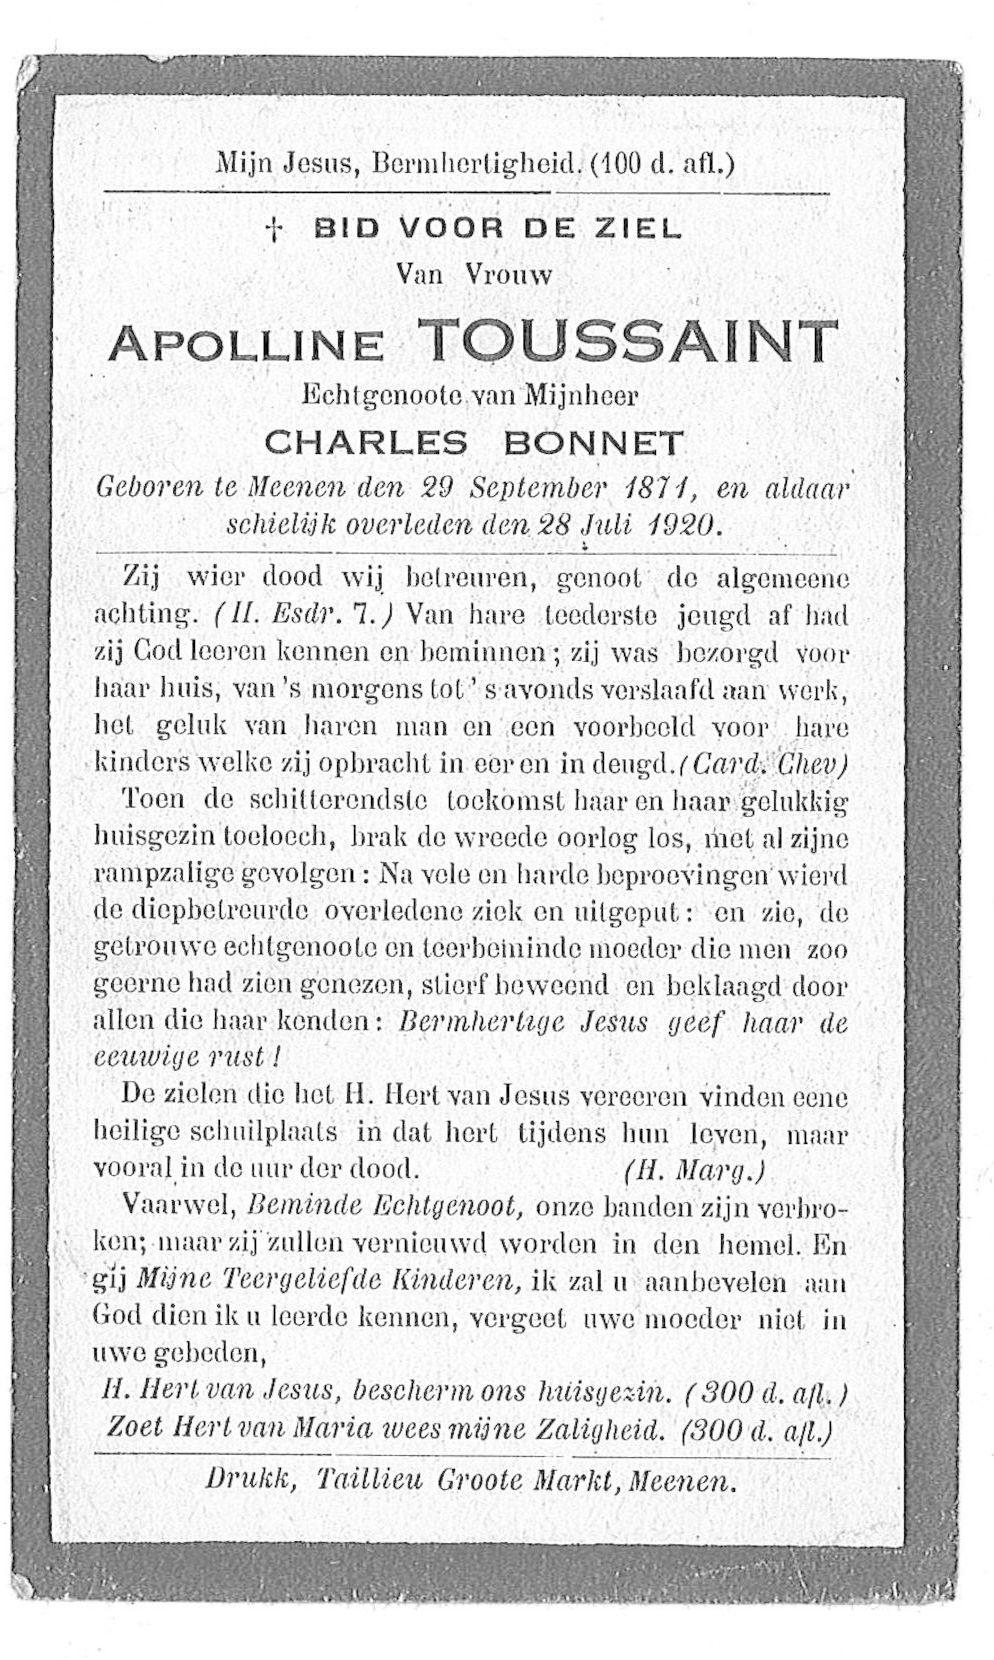 Apolline Toussaint